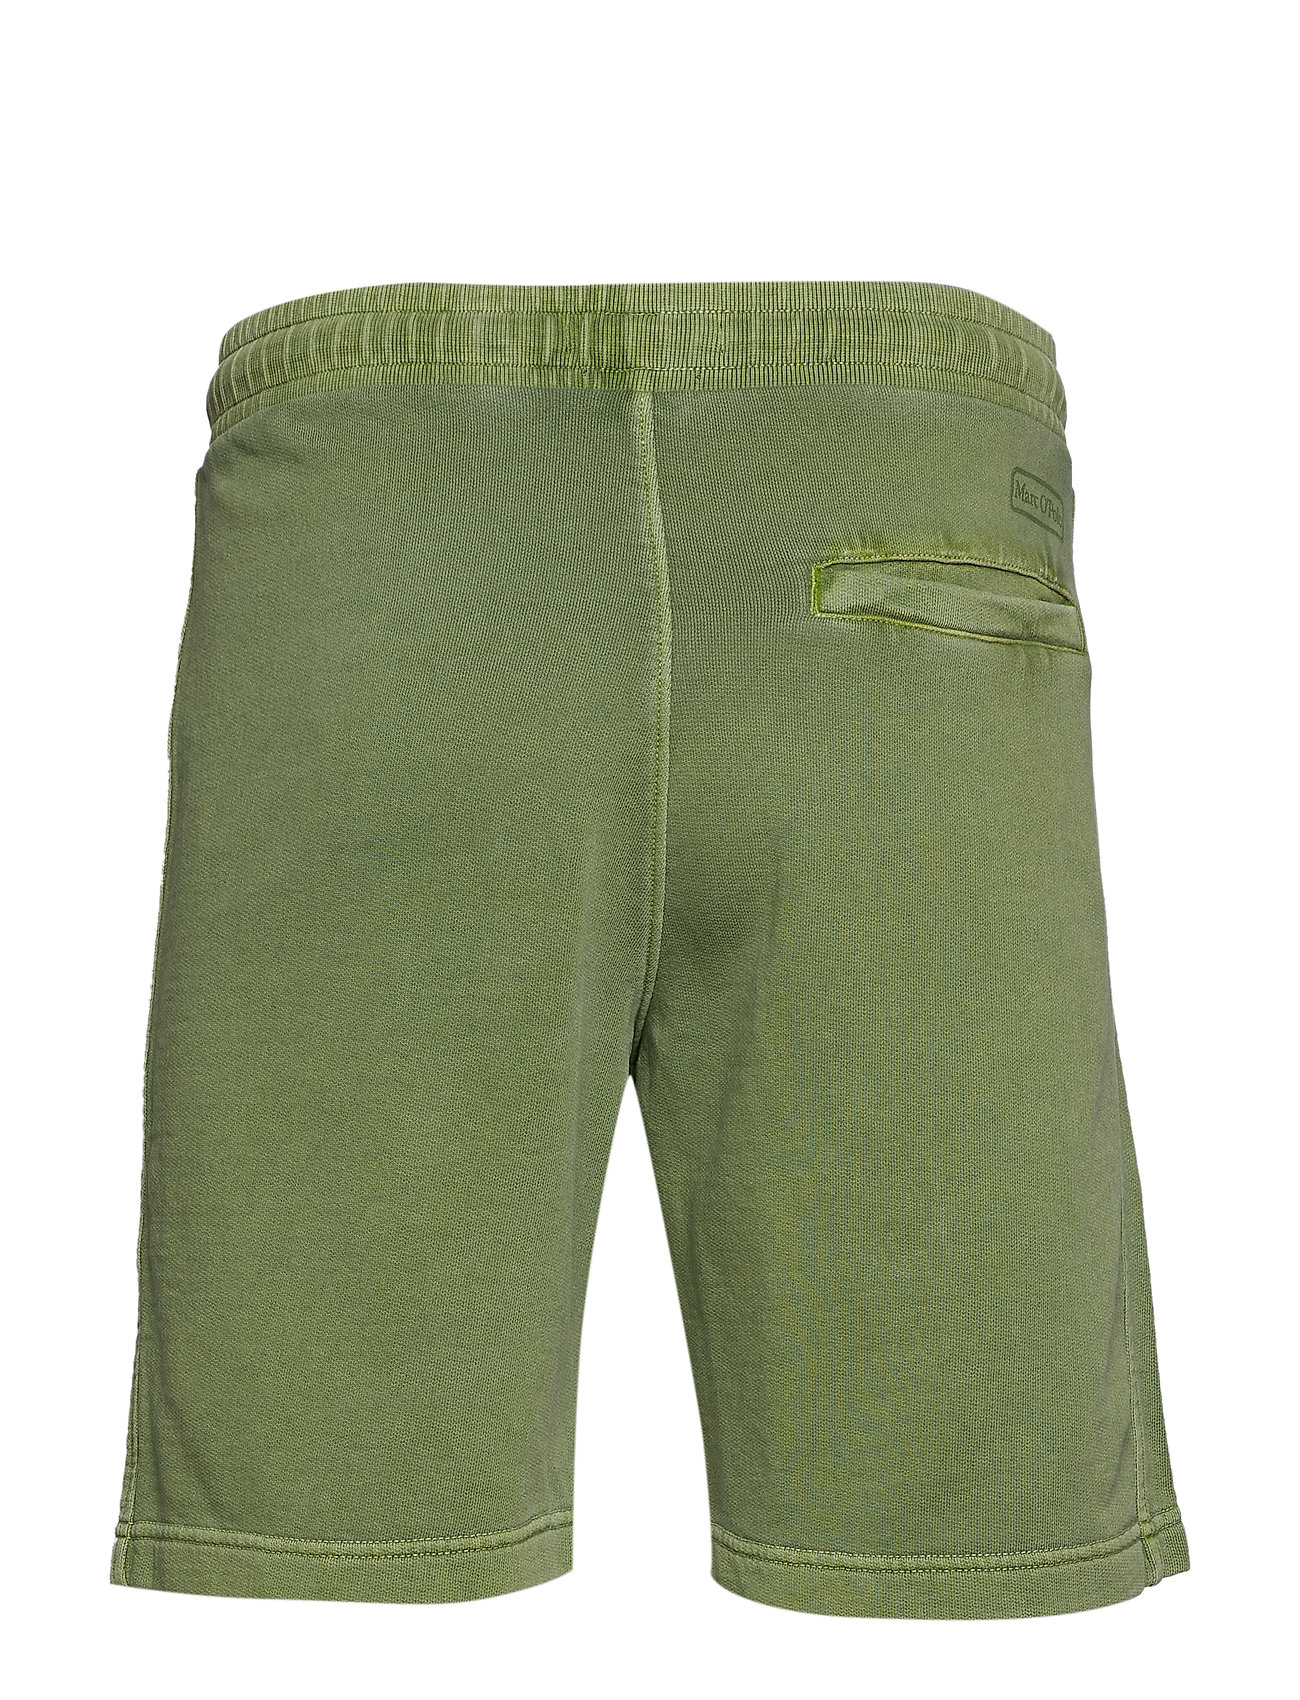 GreenMarc GreenMarc Pantsfluorite O'polo Pantsfluorite O'polo O'polo GreenMarc Pantsfluorite Pantsfluorite GreenMarc 6Y7bfgy